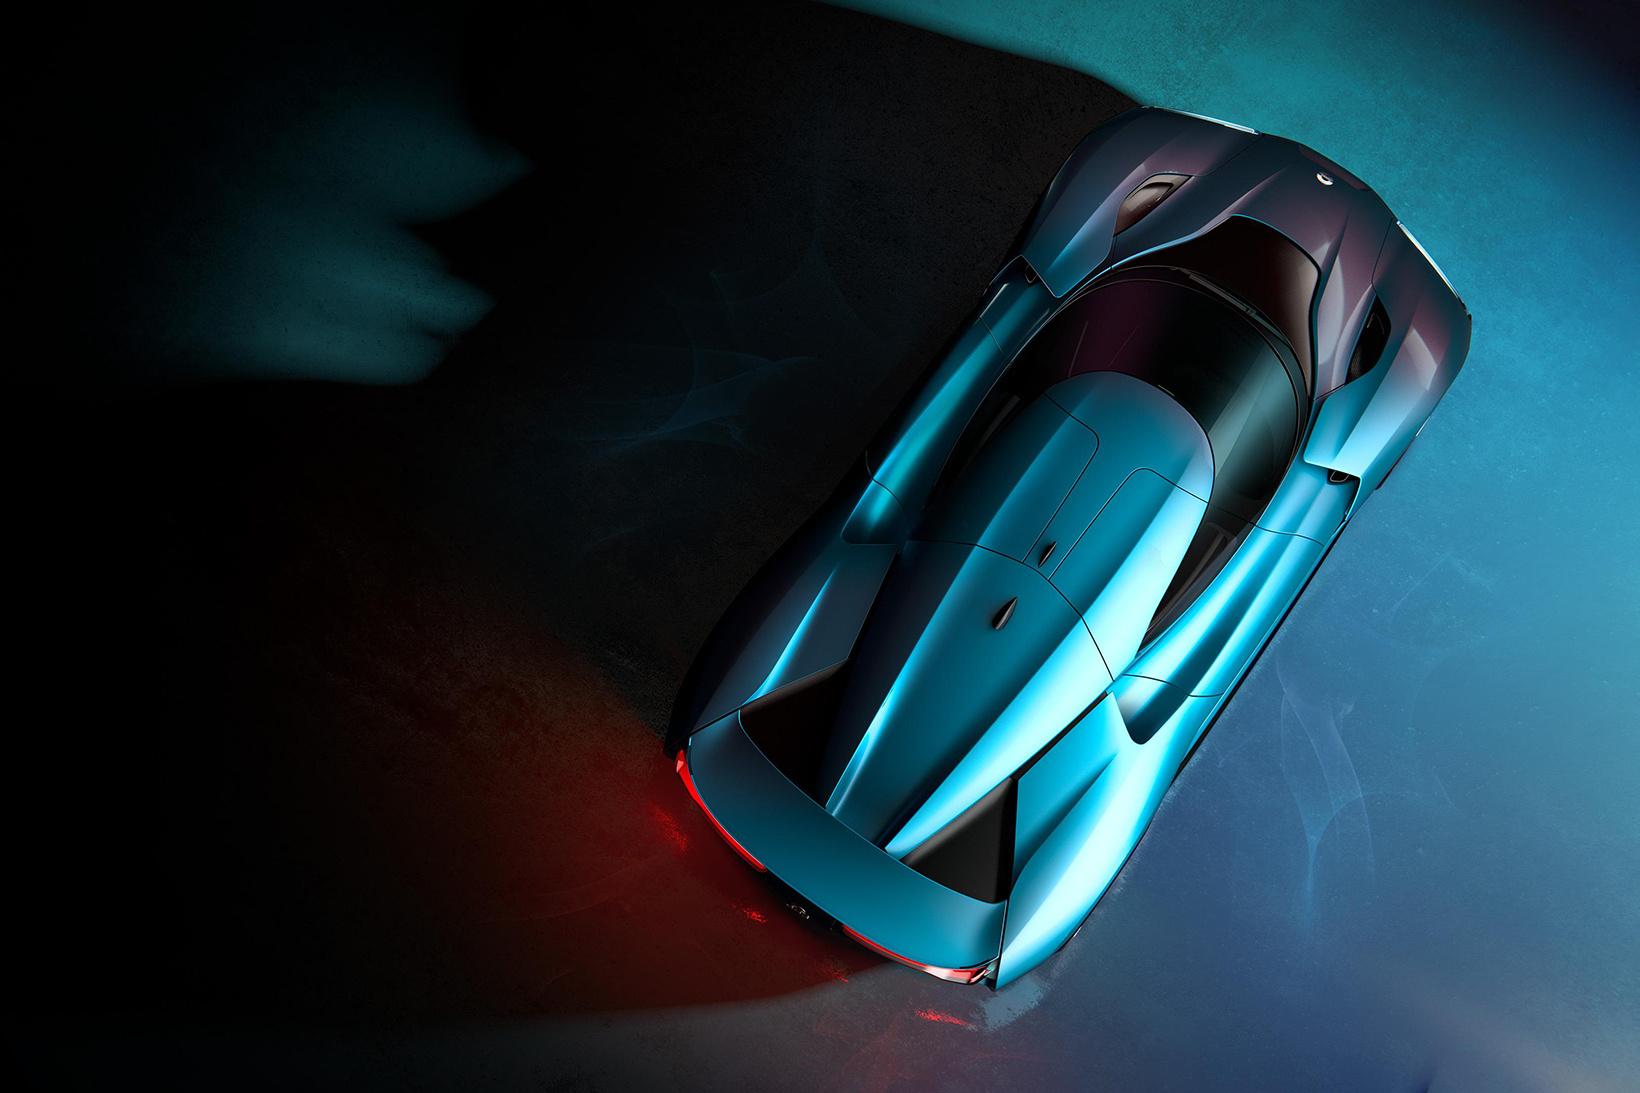 nio-ep9-fastest-electric-car-6